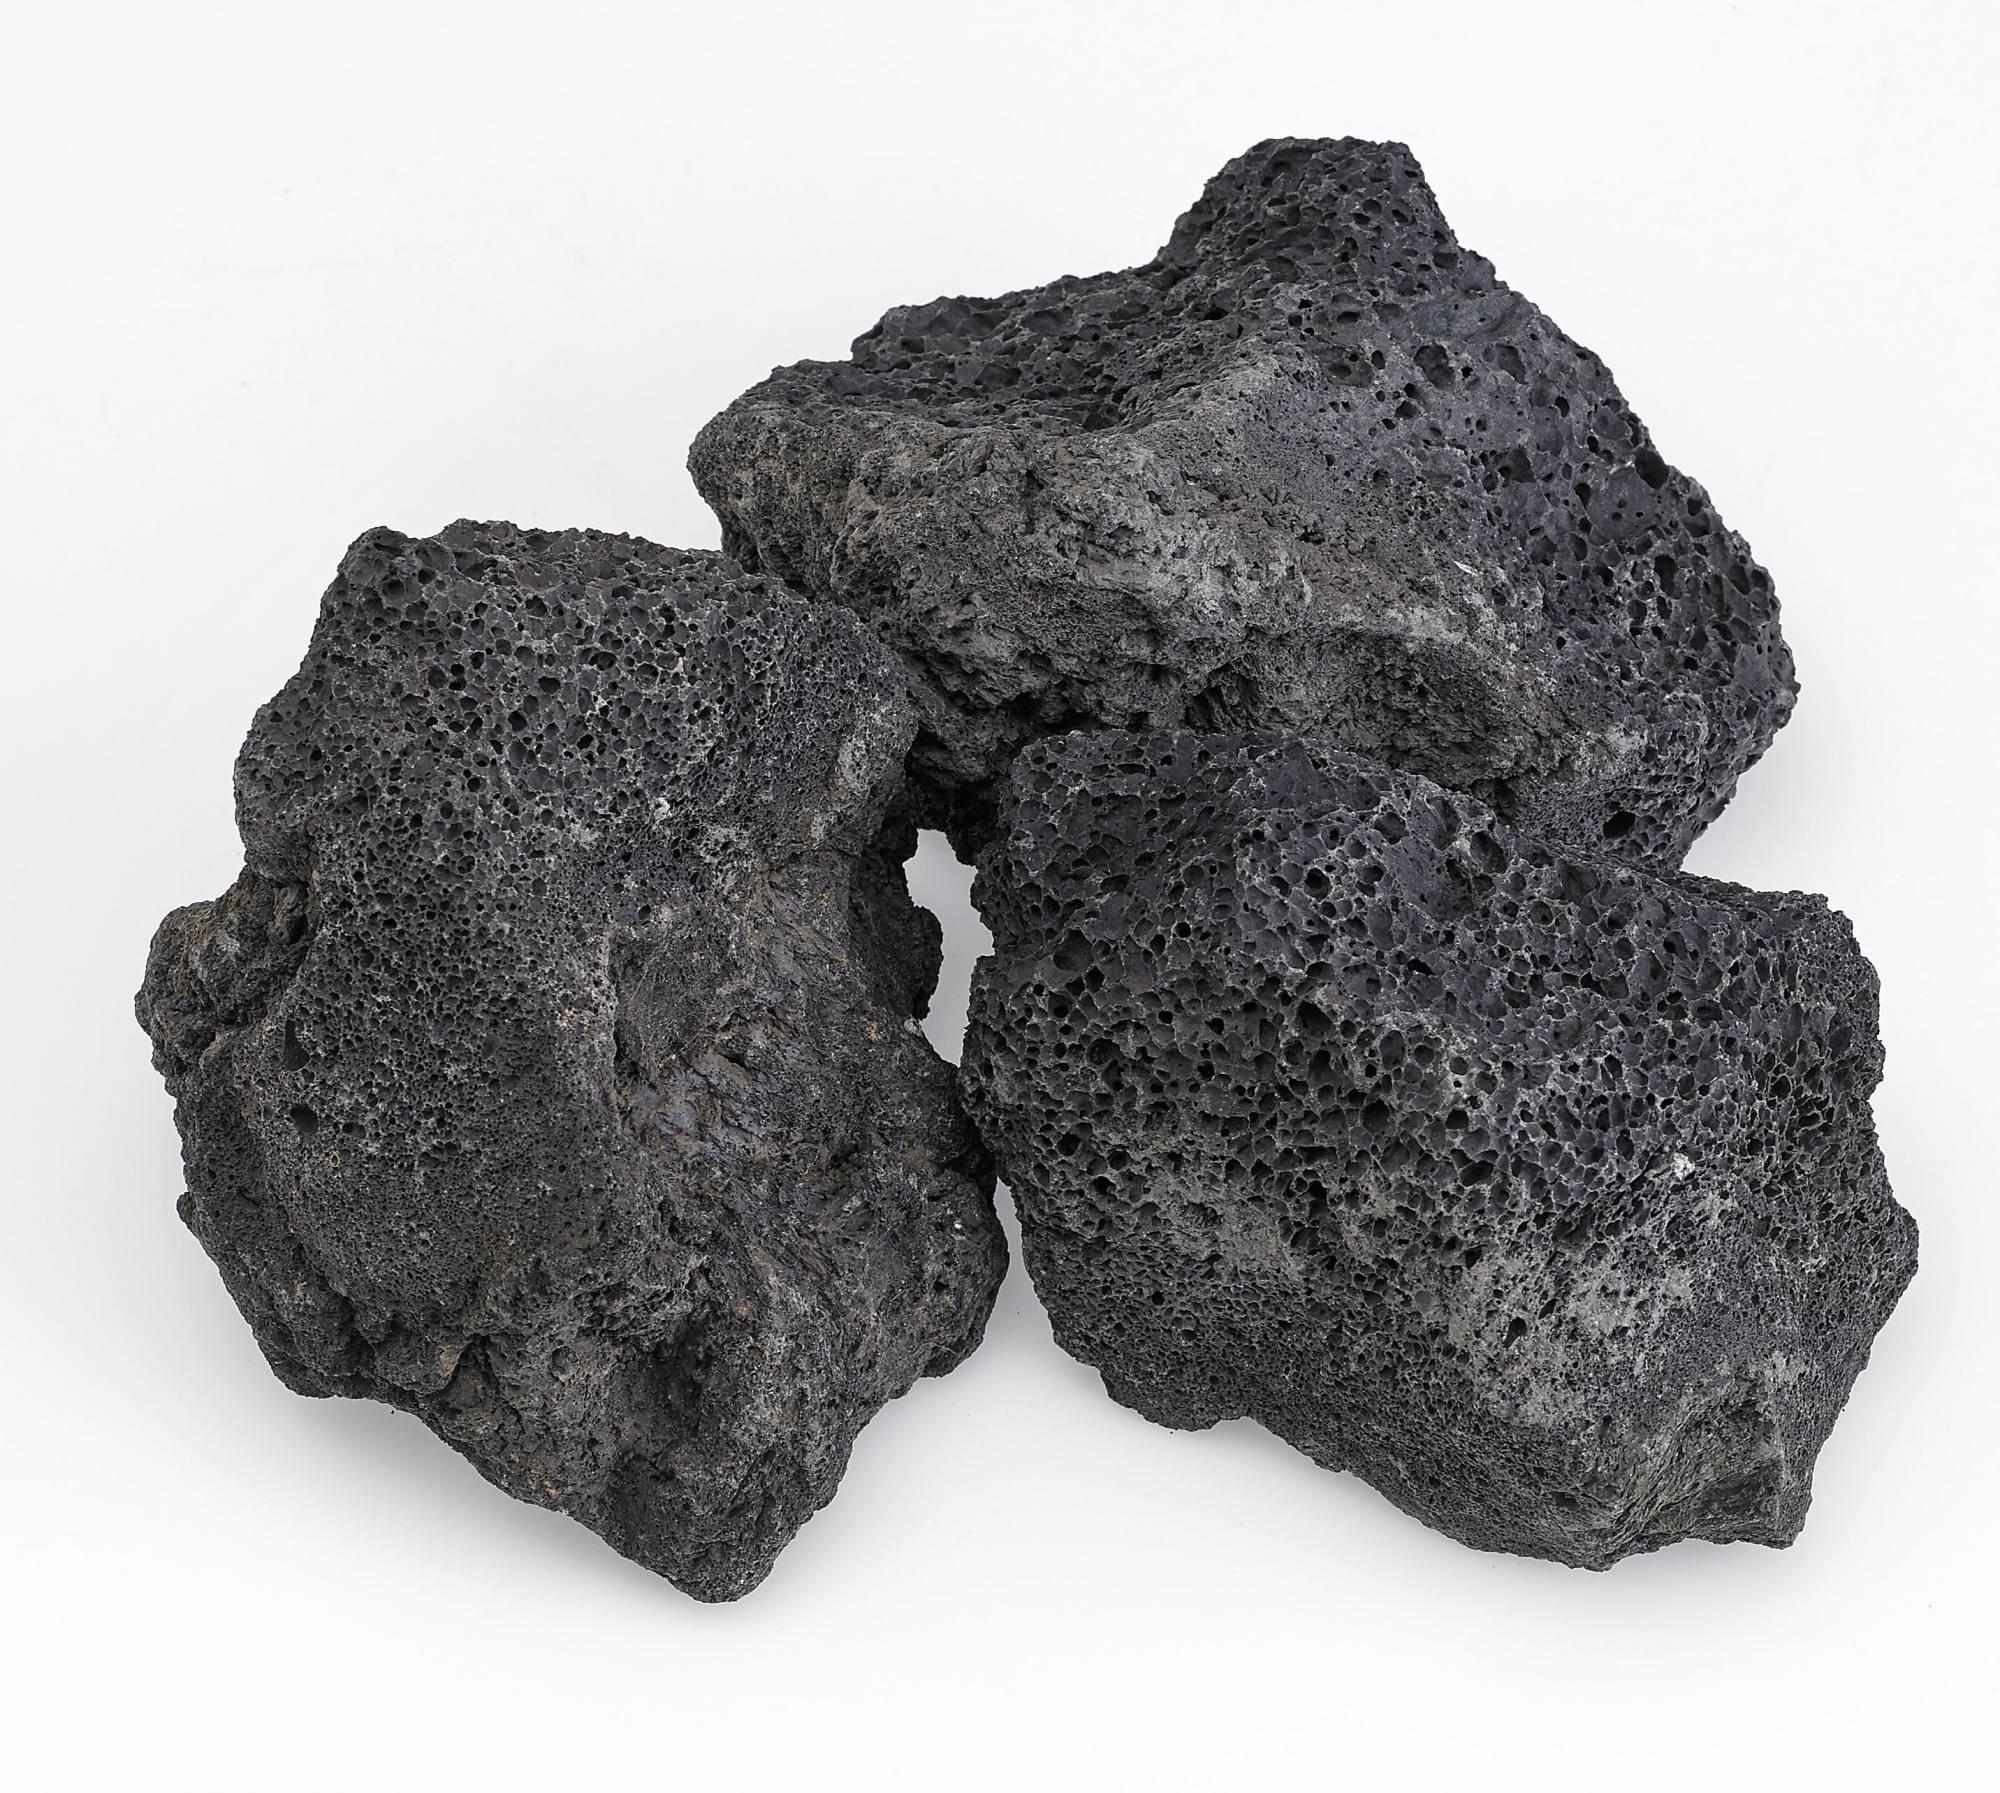 XXL Lava Rock